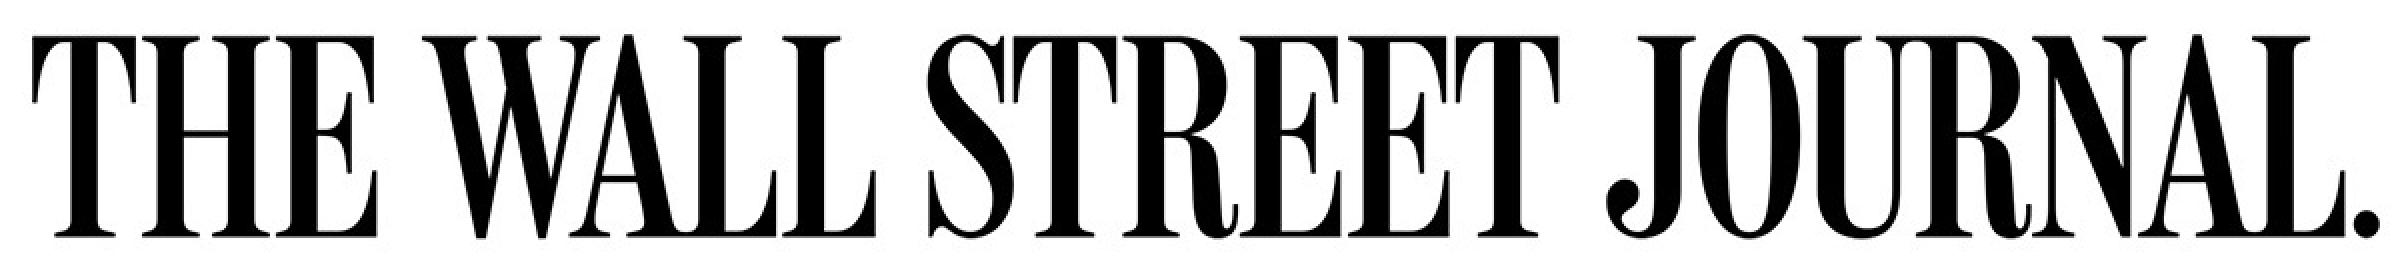 Wall Street Journal - Julie Spira